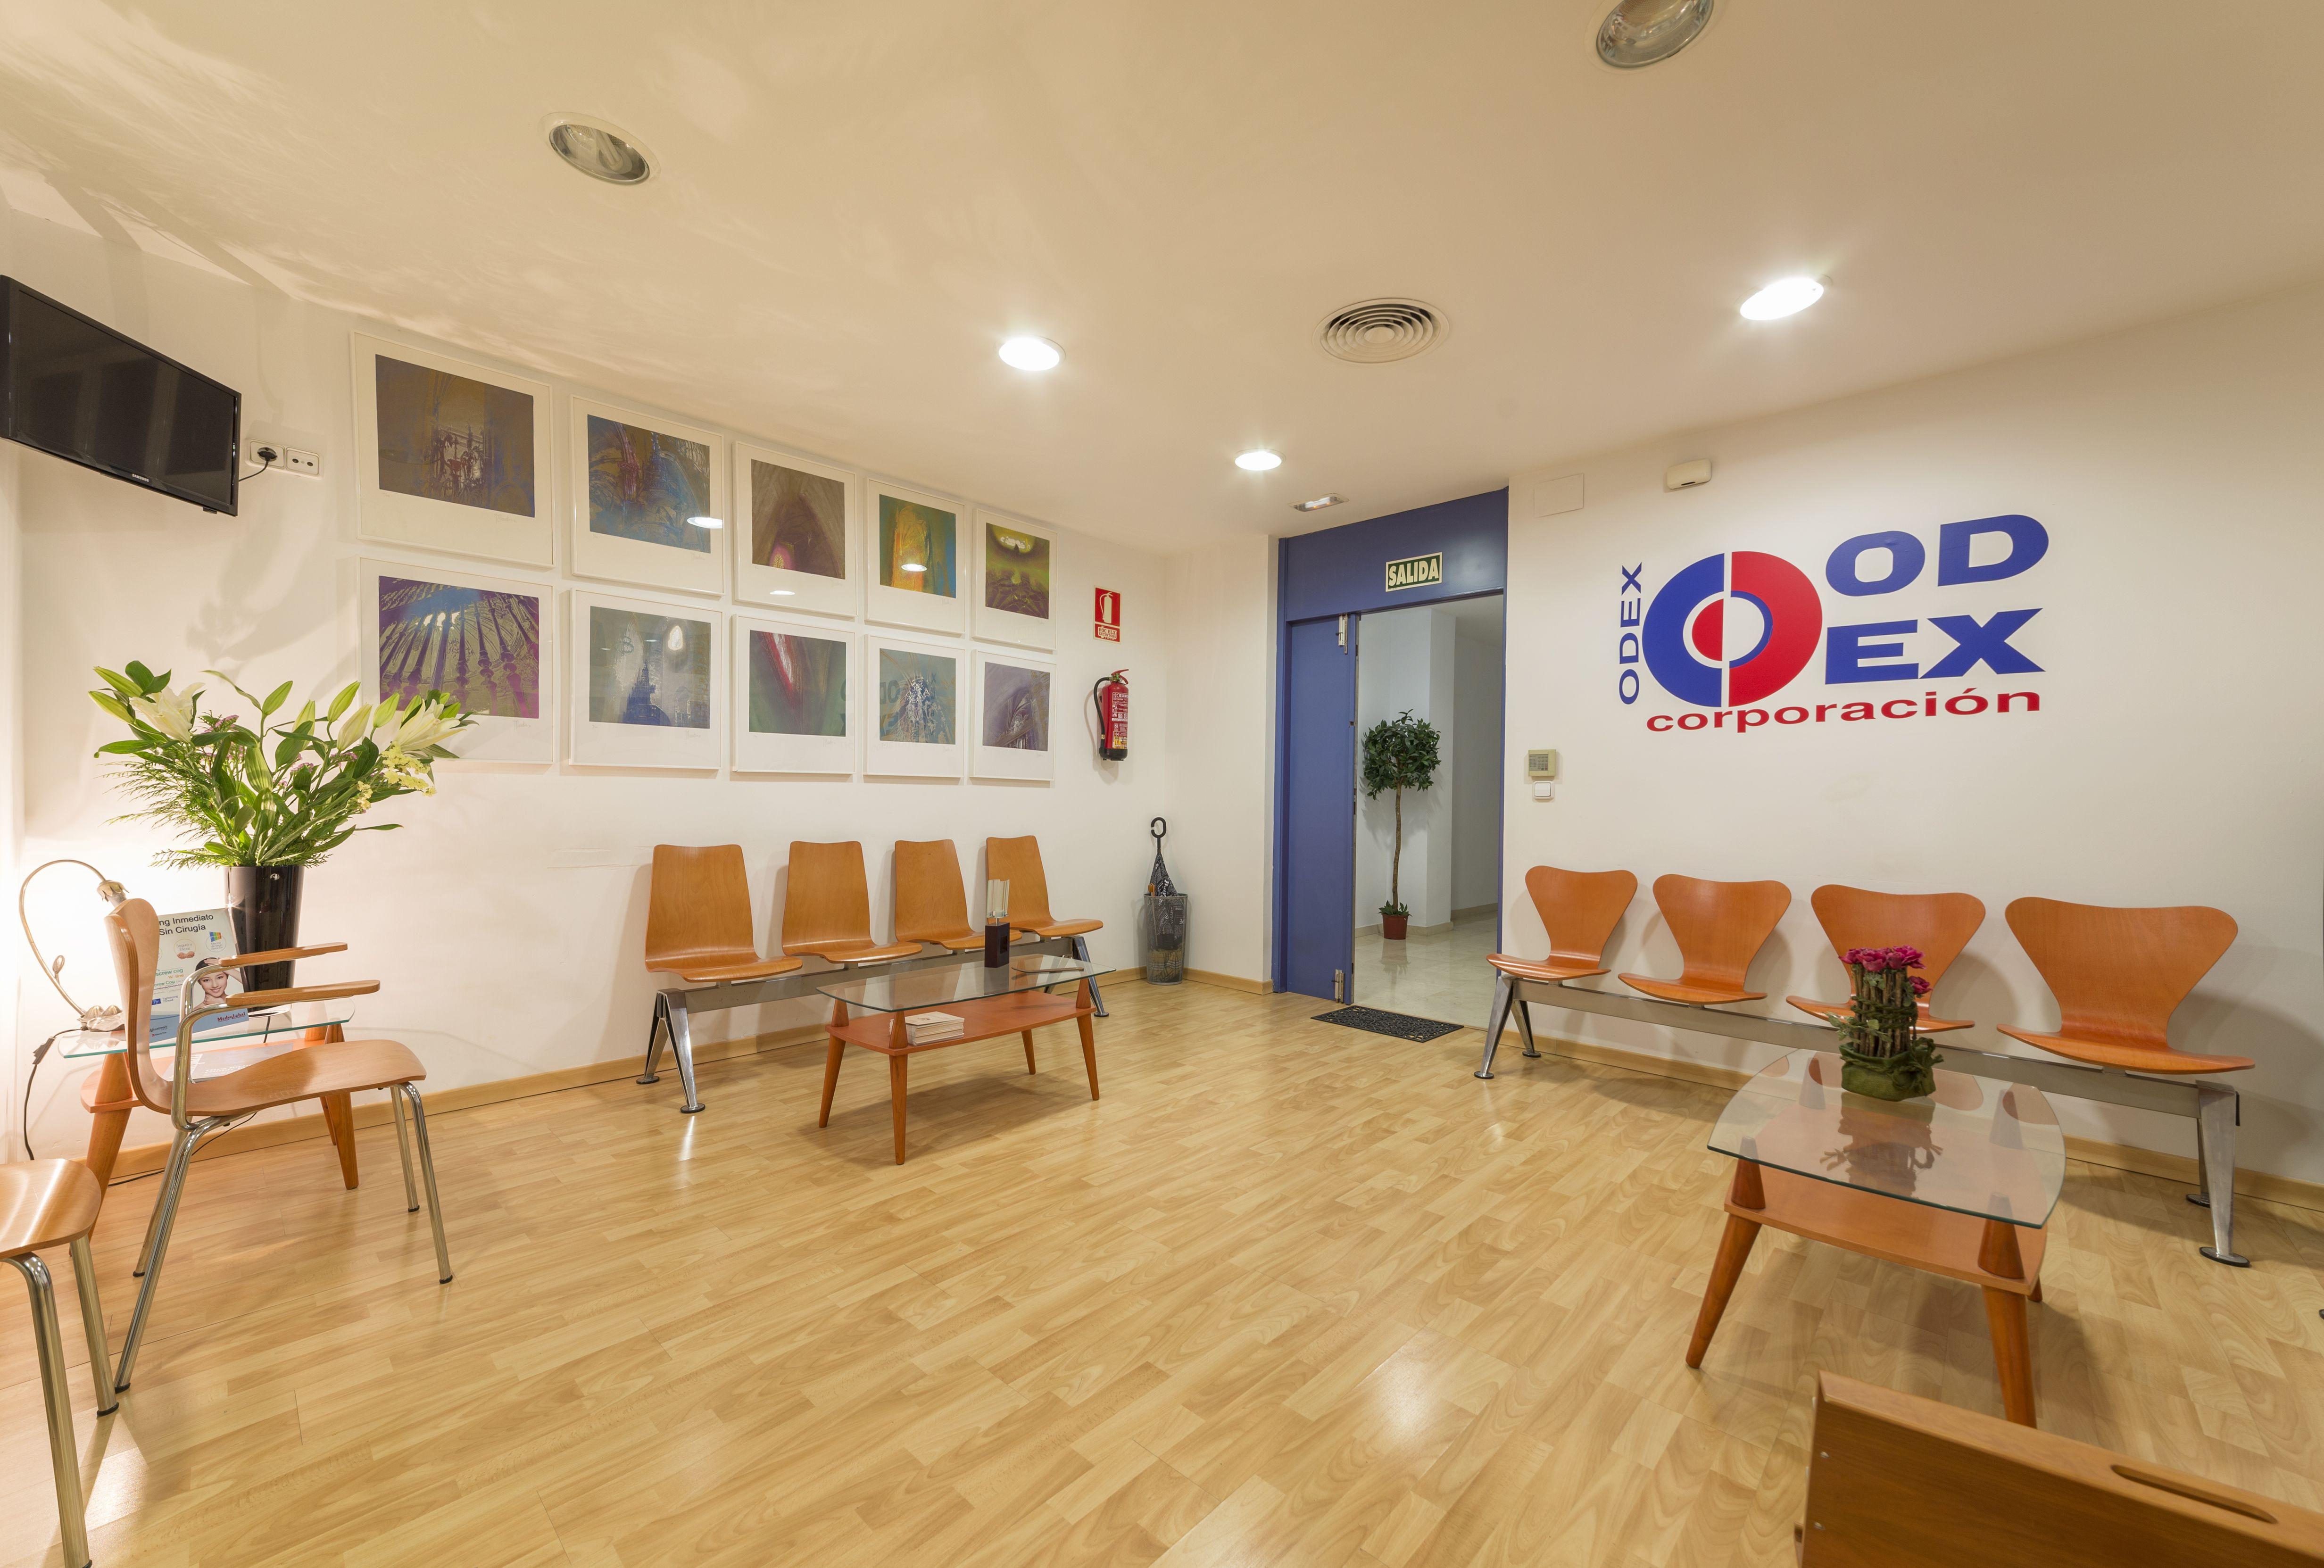 Foto 8 de Especialistas en medicina estética y cirugía plástica en Elx | Odex Corporación